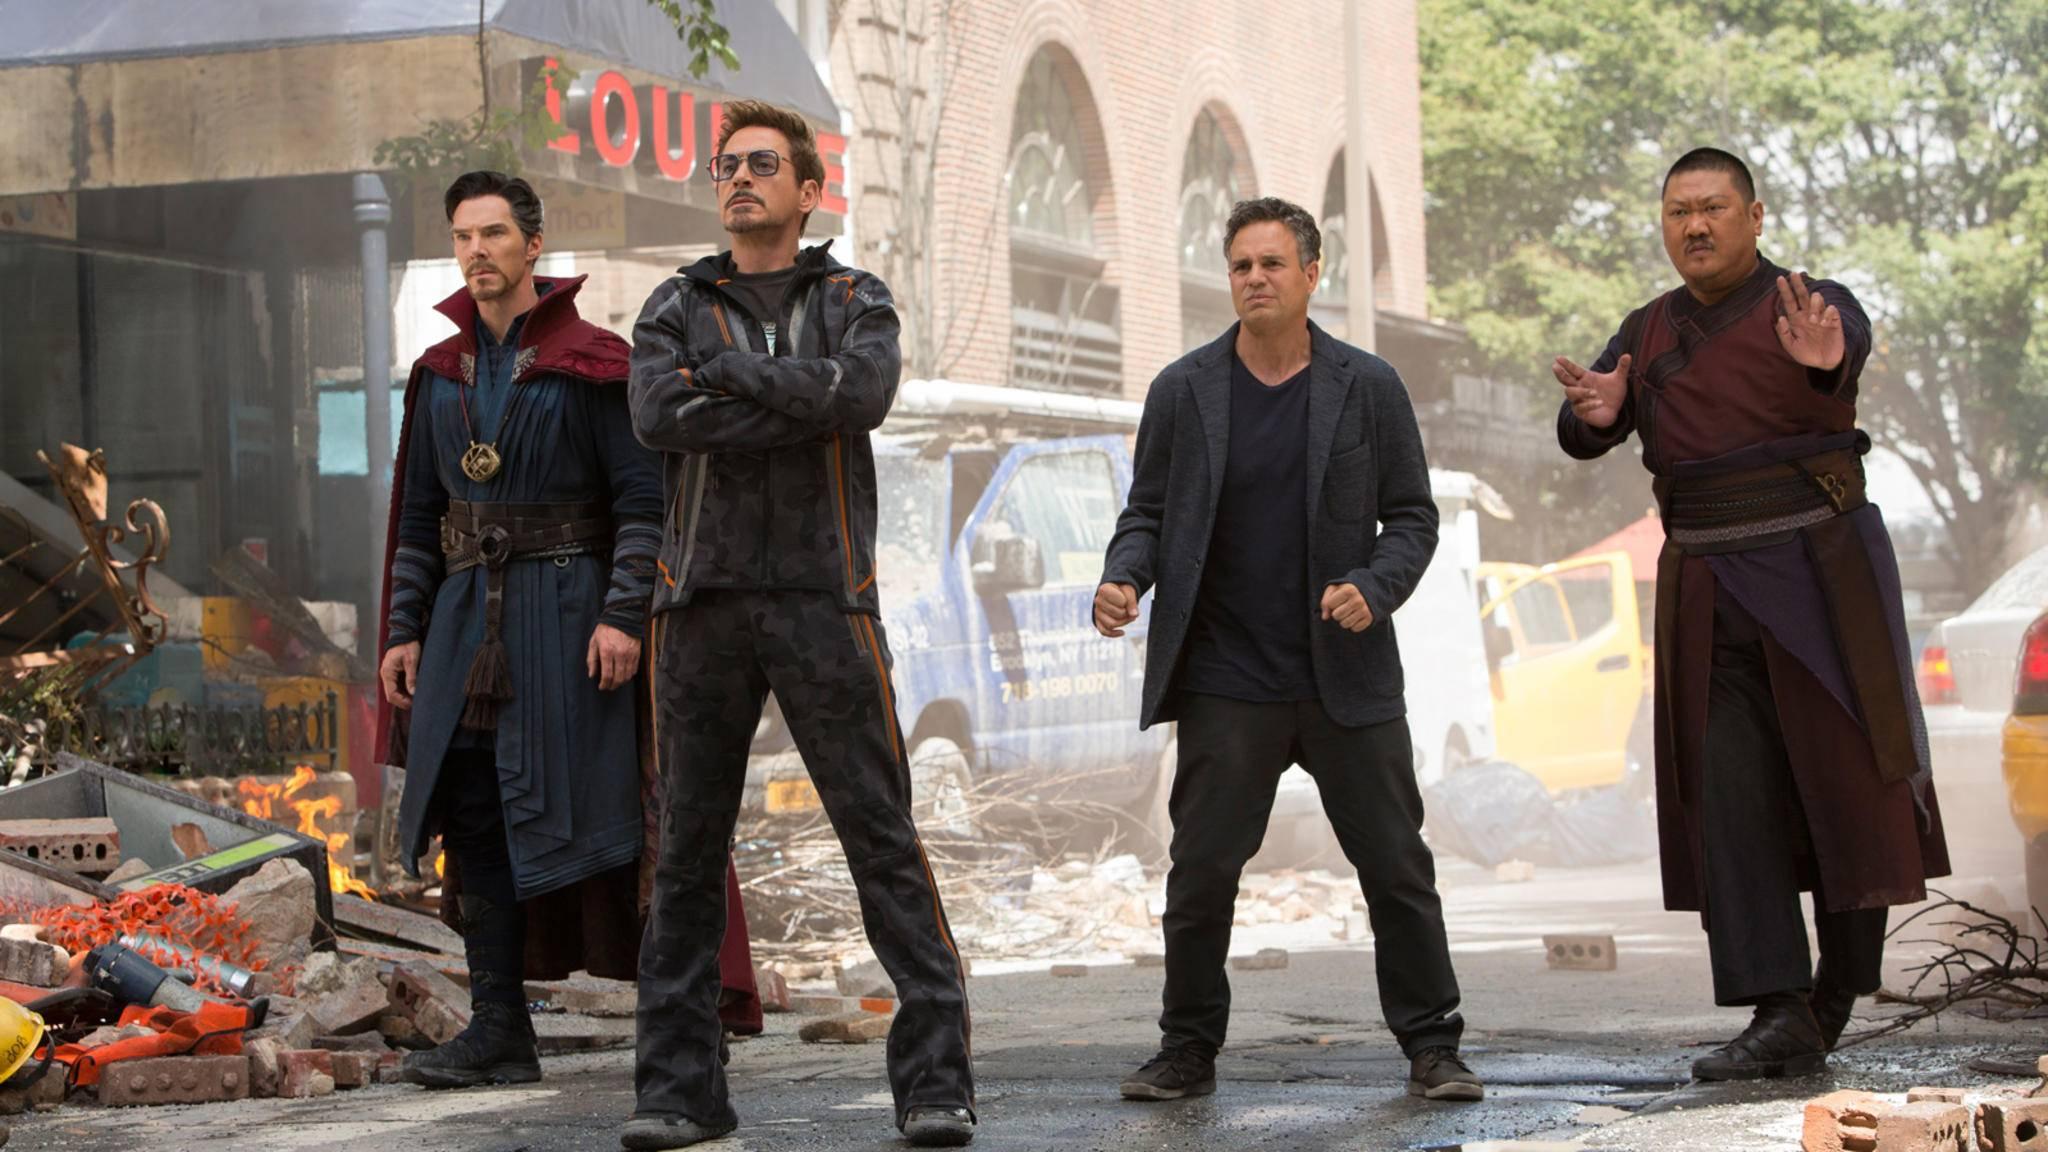 """Ein Superhelden-Film kommt selten allein: Neben """"Avengers: Endgame"""" starten 2019 noch 9 weitere heldenhafte Abenteuer im Kino."""